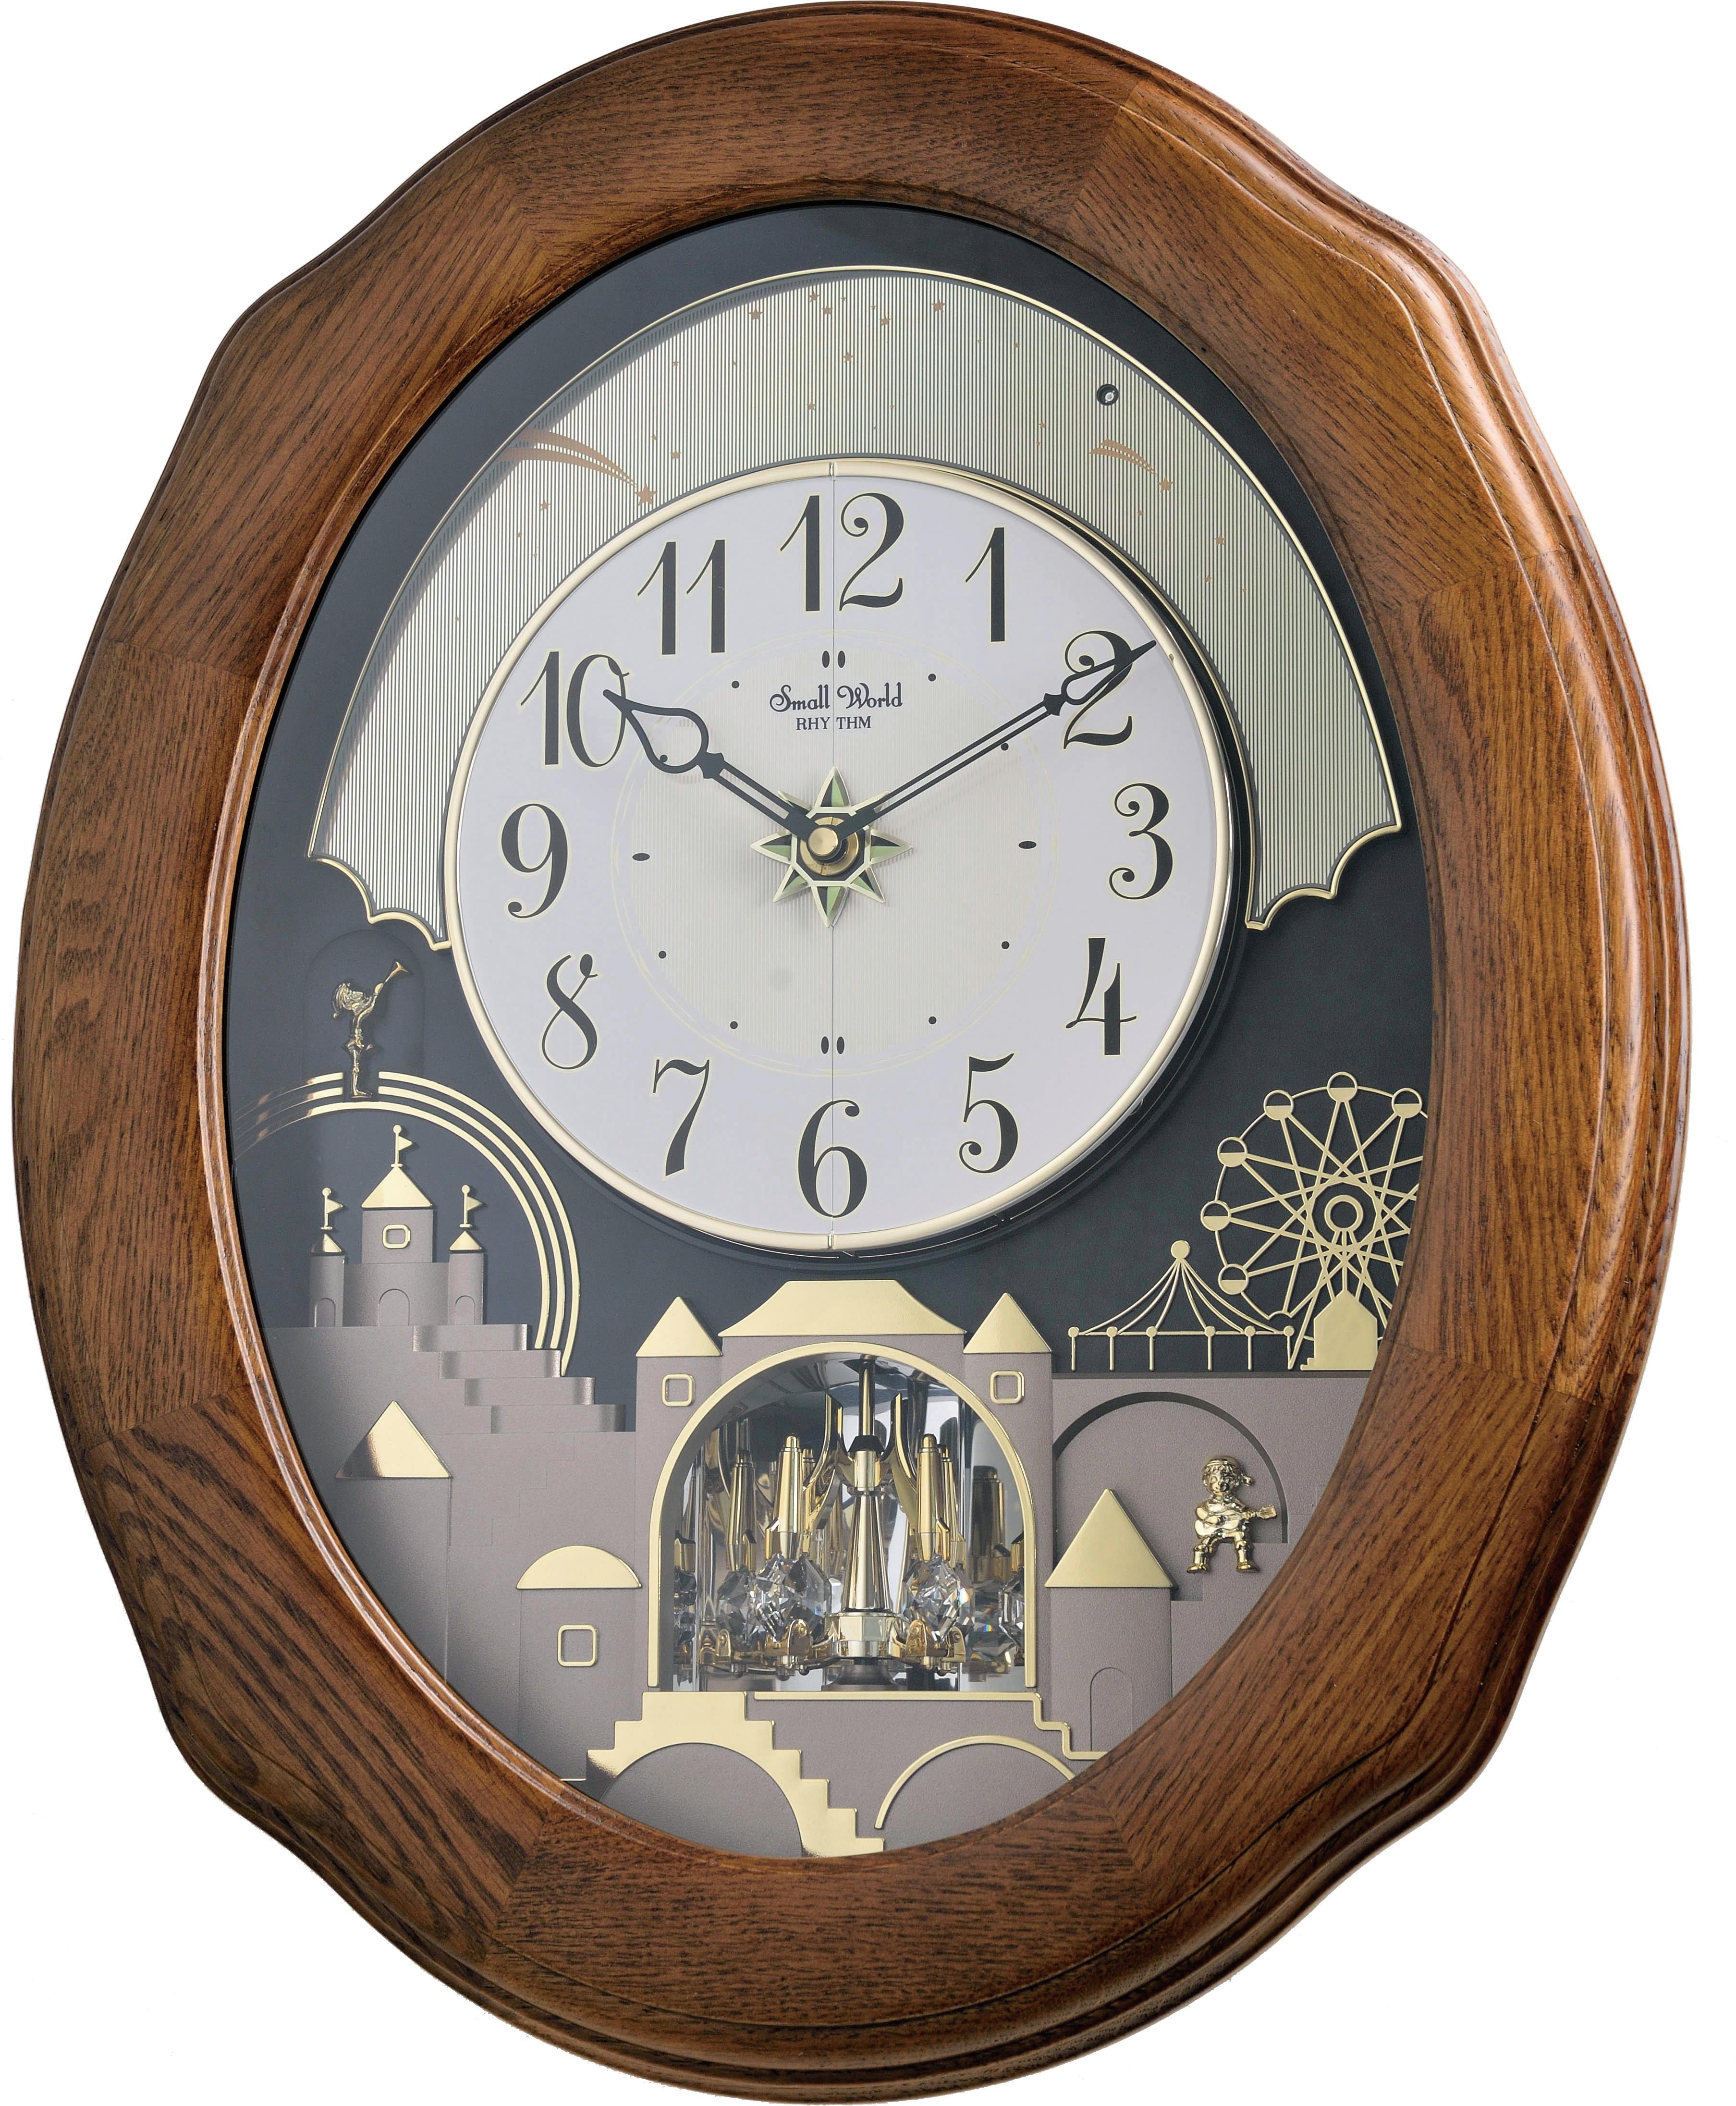 Small World Rhythm Clocks Moving Wall